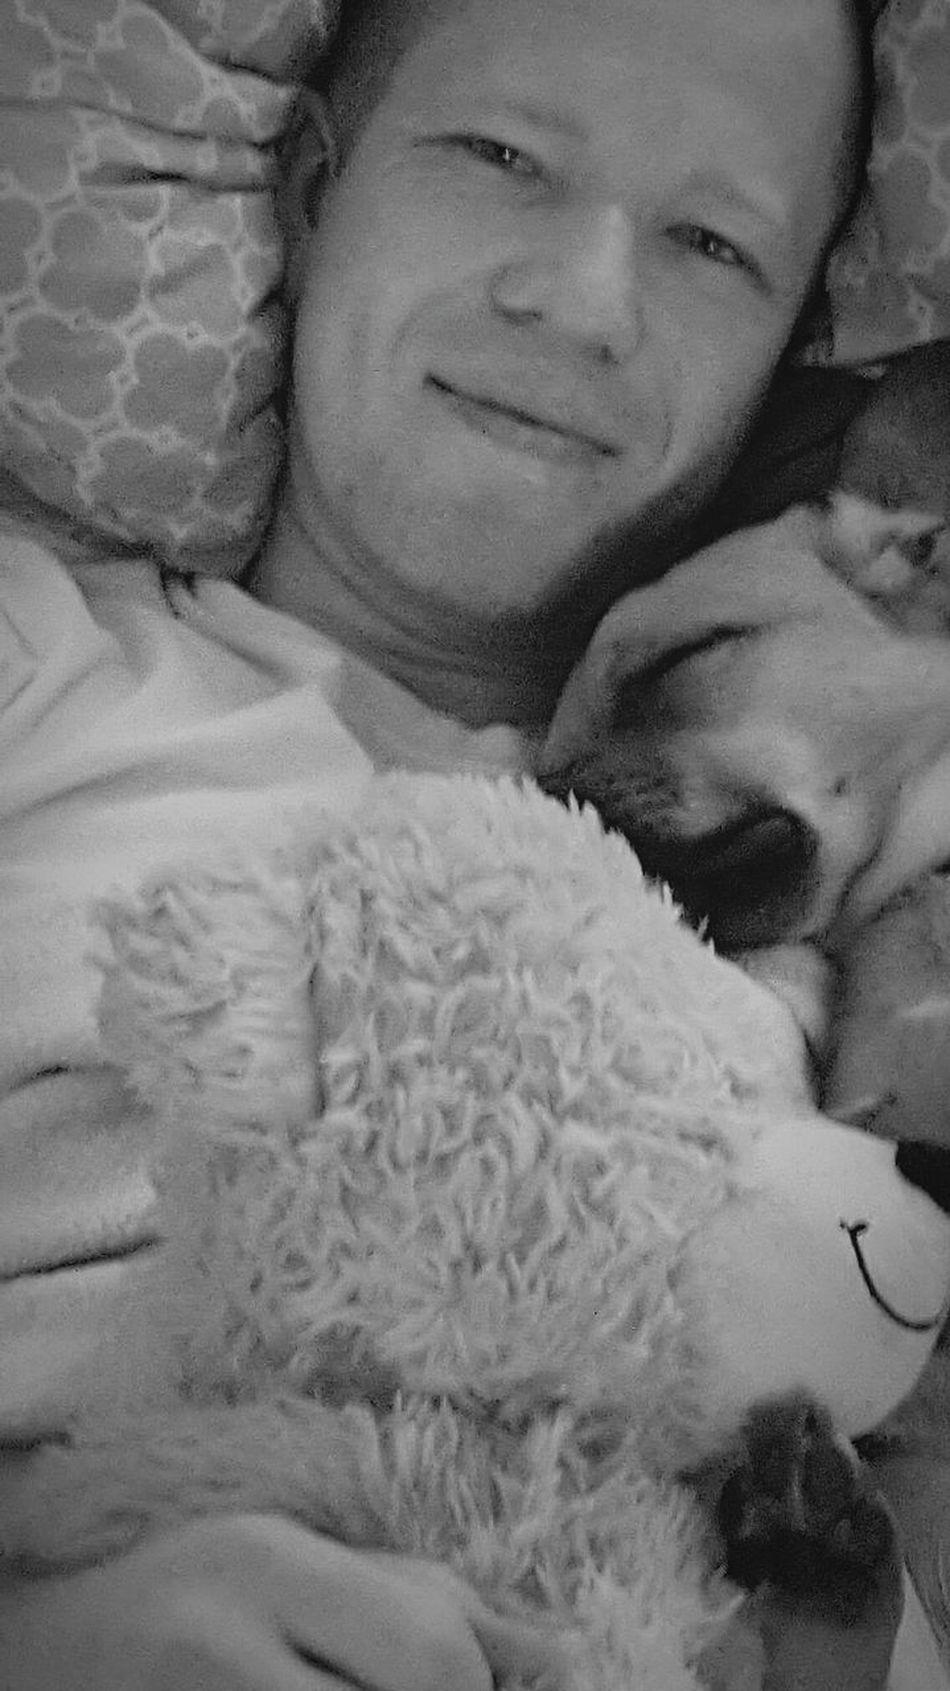 My Boys ❤❤ Relaxation SnuggleBuddies